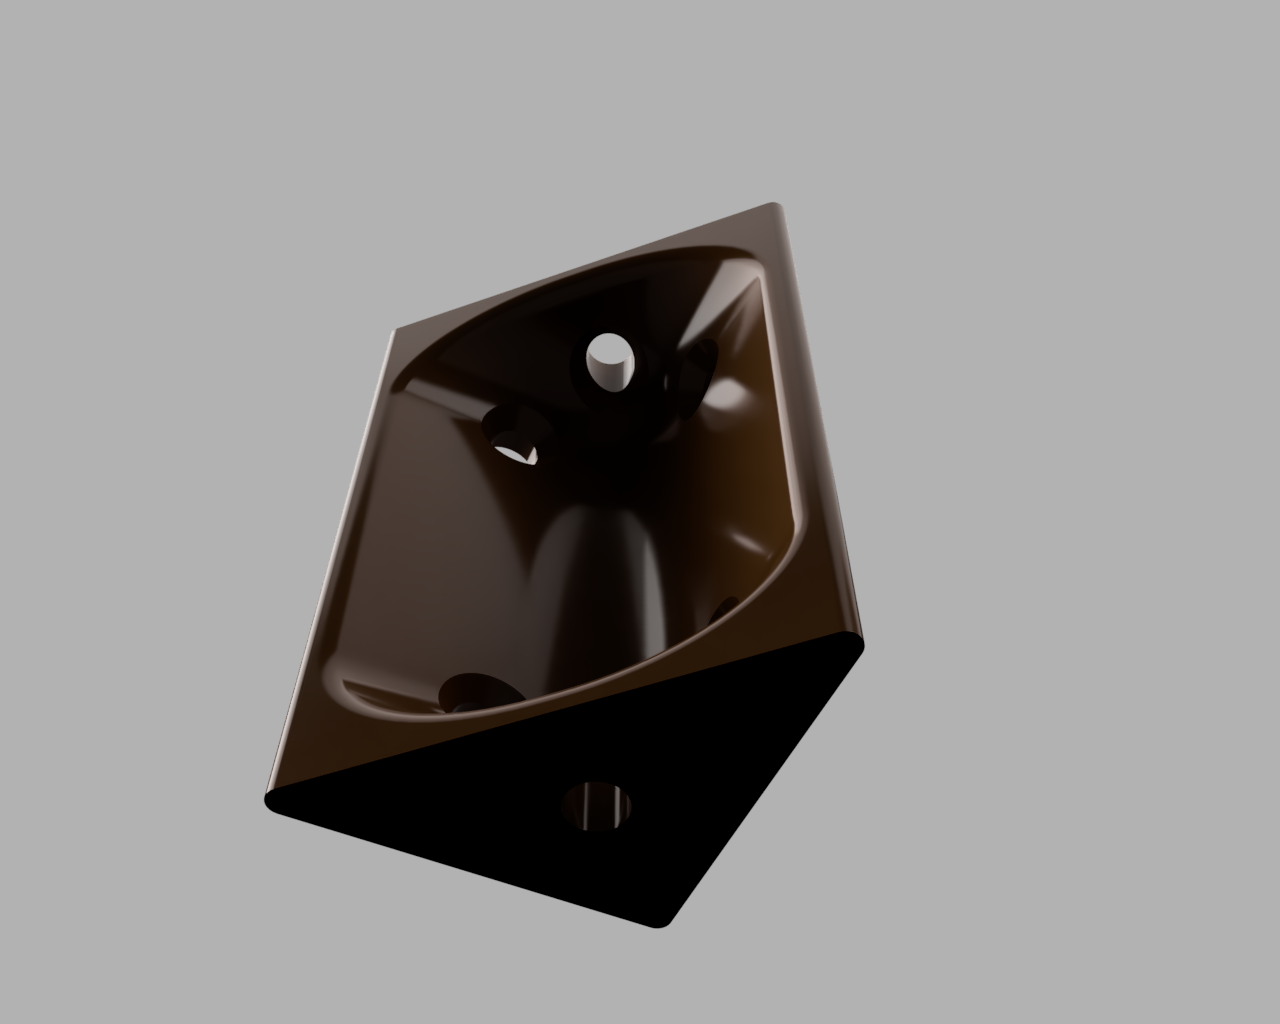 Furniture_corner_bracket_2019-Nov-05_03-29-24PM-000_CustomizedView1111544756.png Télécharger fichier STL gratuit Support d'angle de meuble optimisé FDM • Plan imprimable en 3D, 3D-Designs